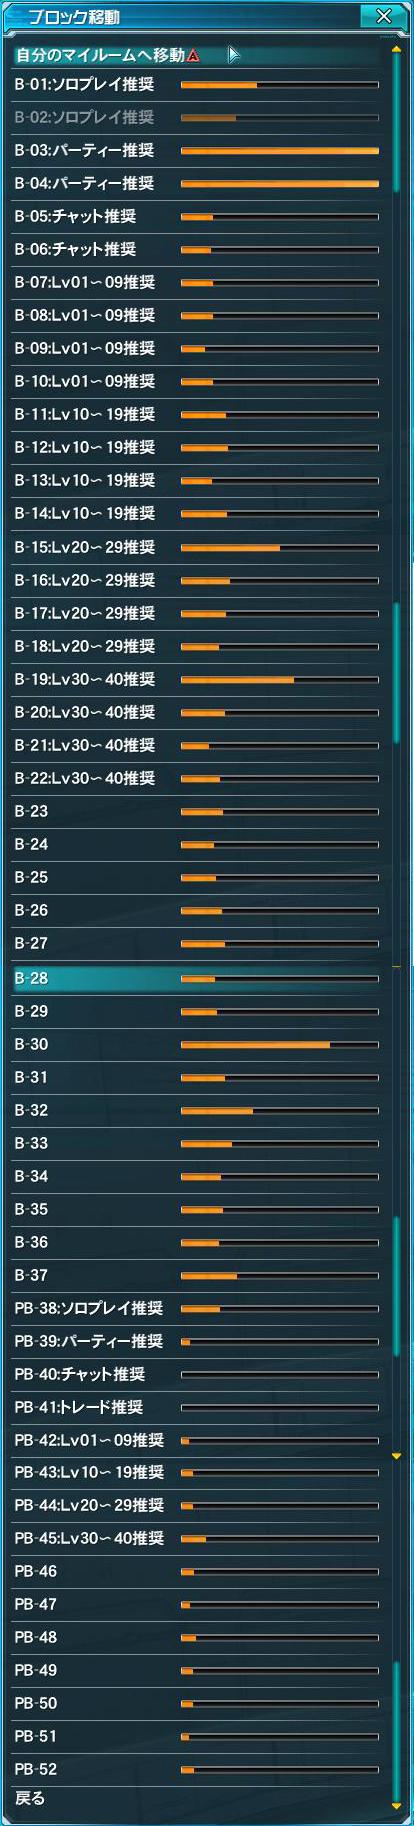 2012_7_5.jpg